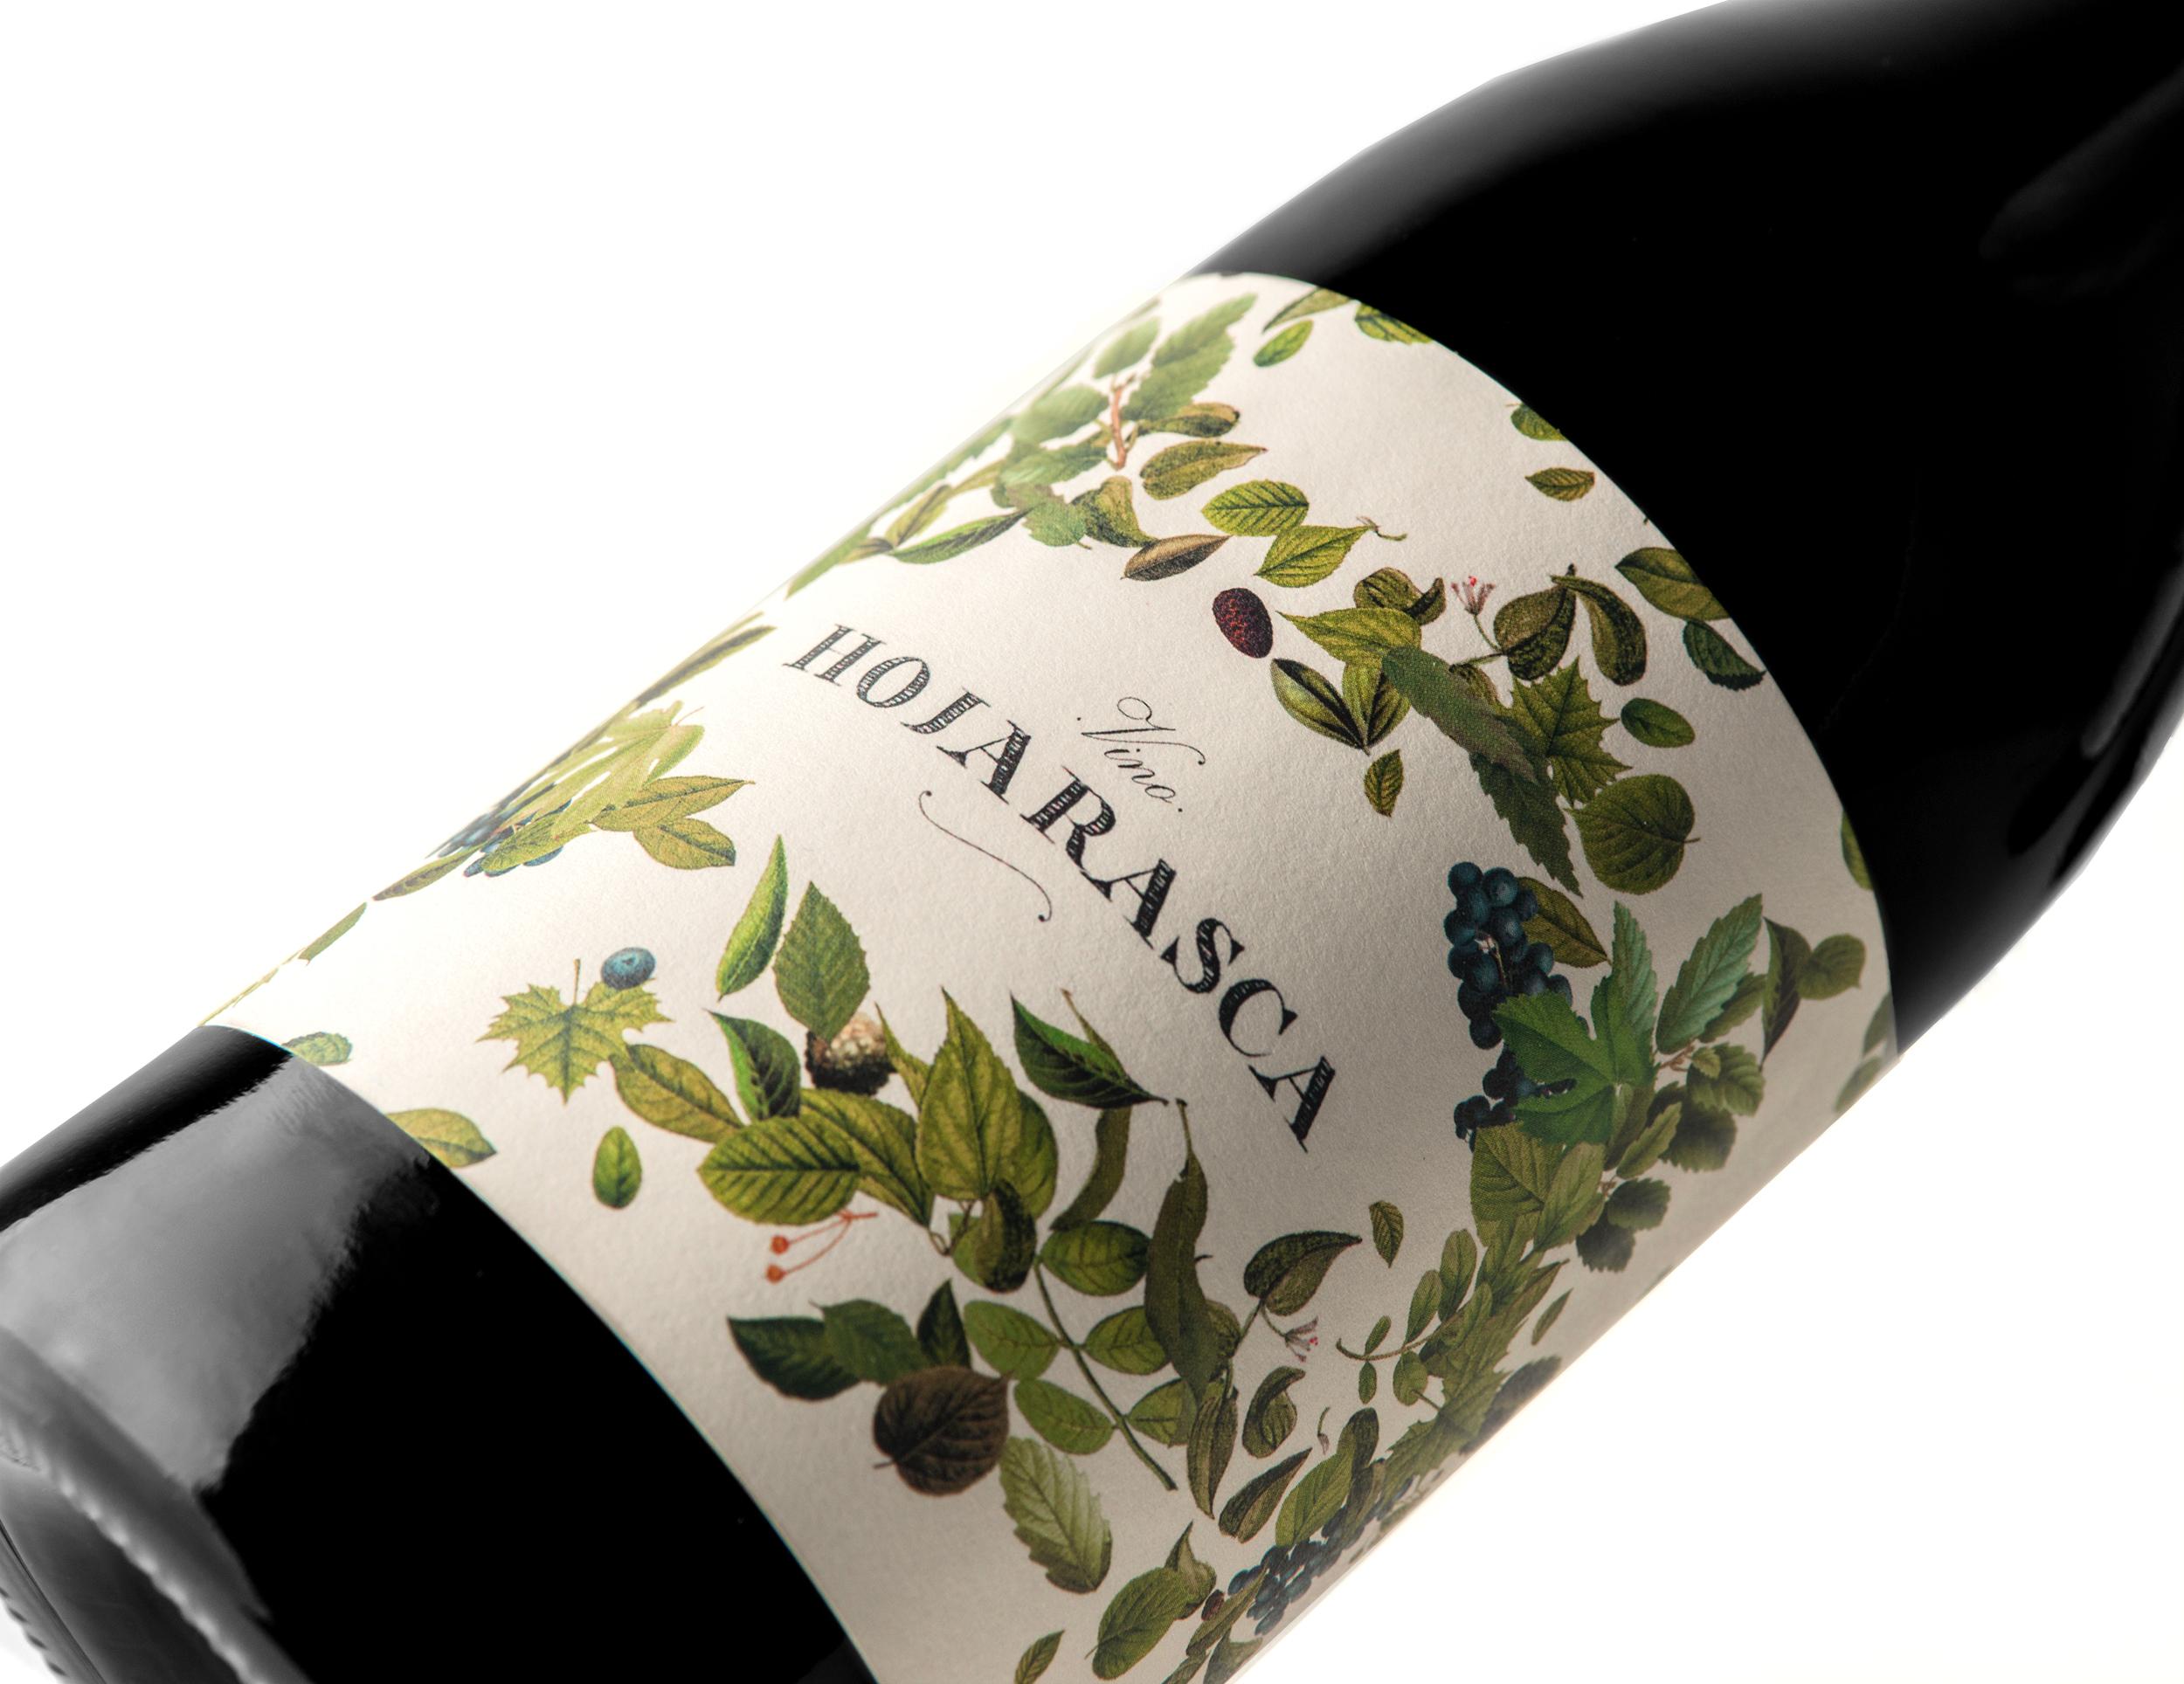 Packaging Design for Hojarasca Wine / World Brand Design Society